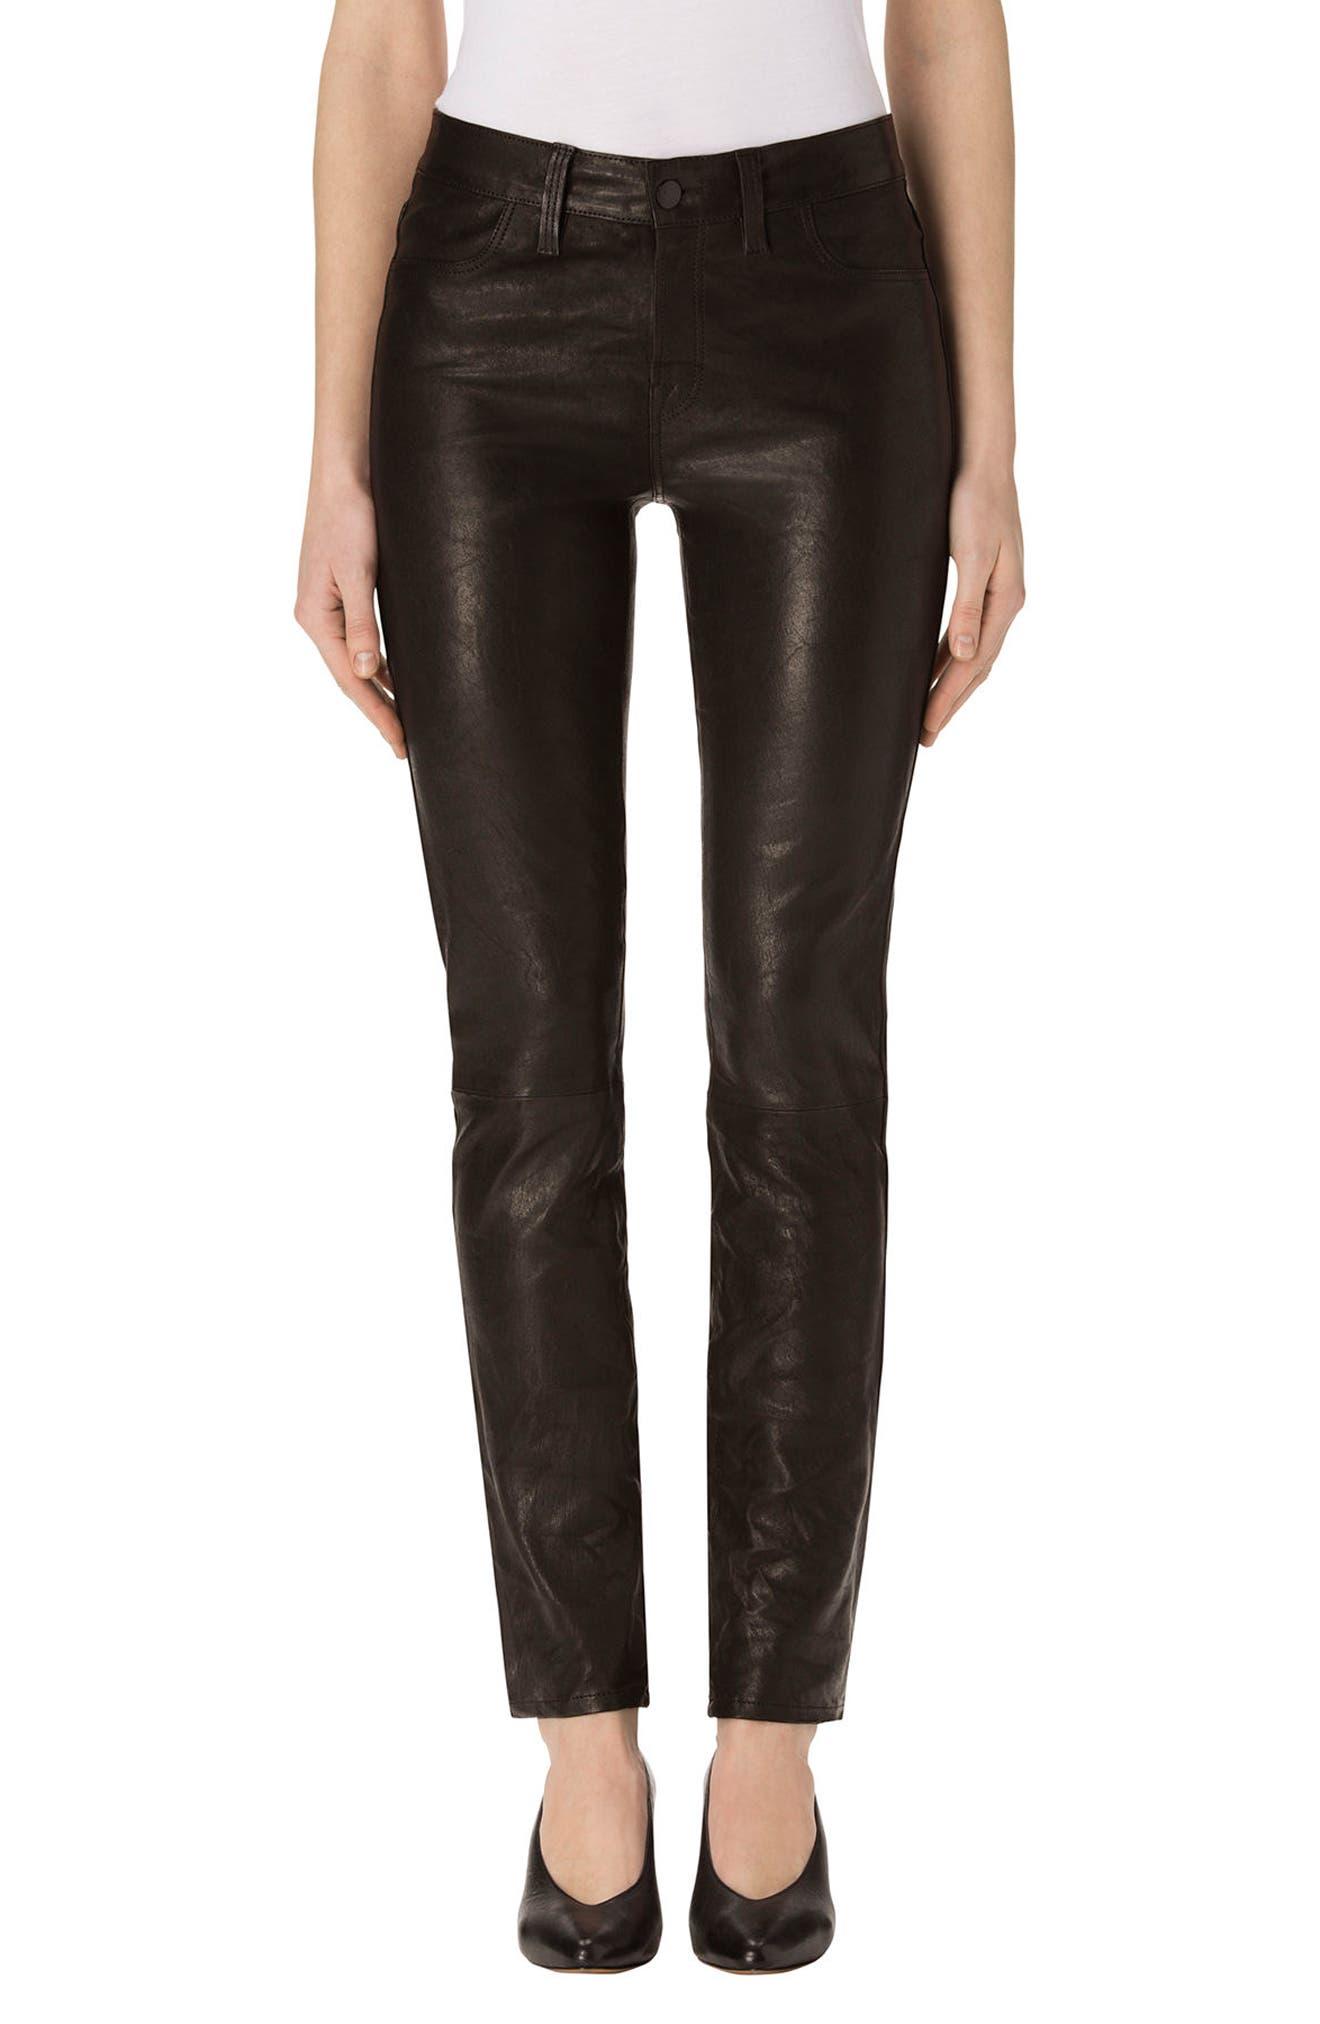 Maude Leather Cigarette Pants,                             Main thumbnail 1, color,                             001